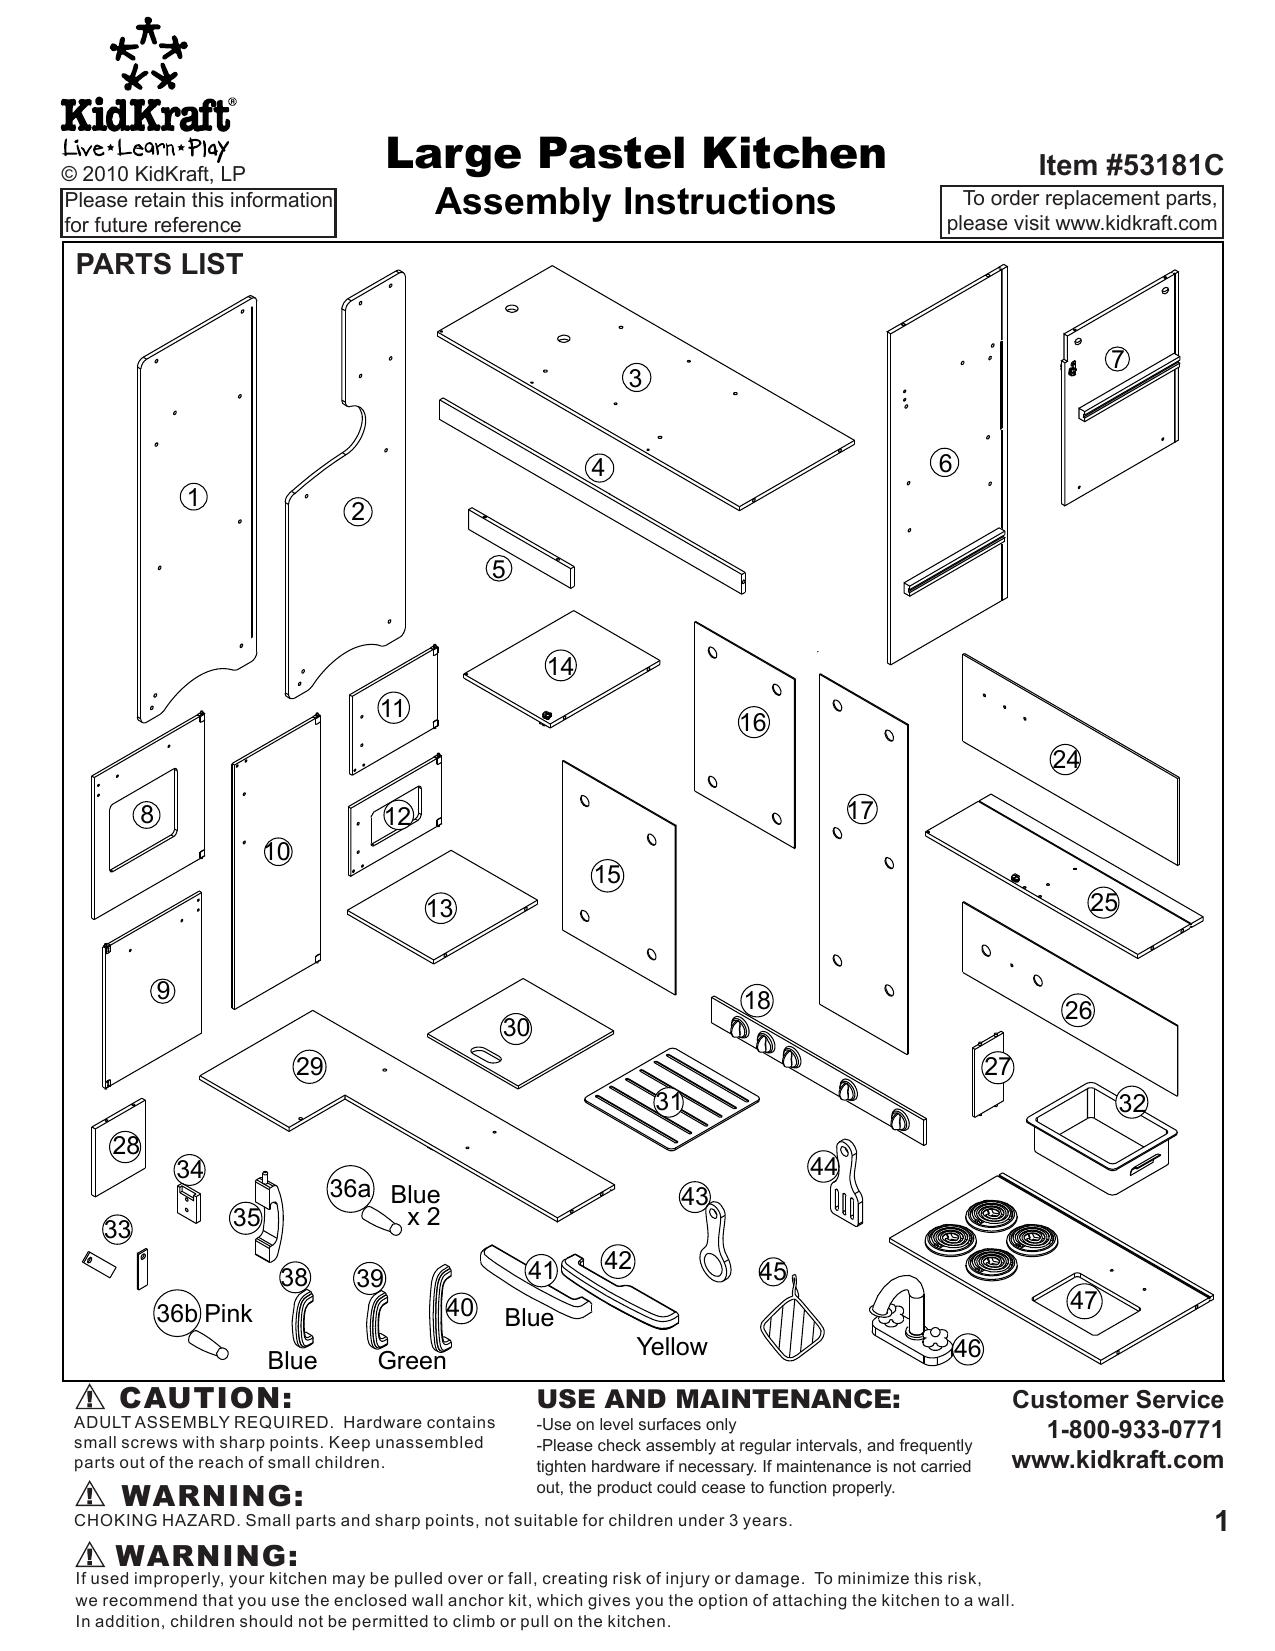 Kidkraft Large Pastel Play Kitchen User Manual Manualzz